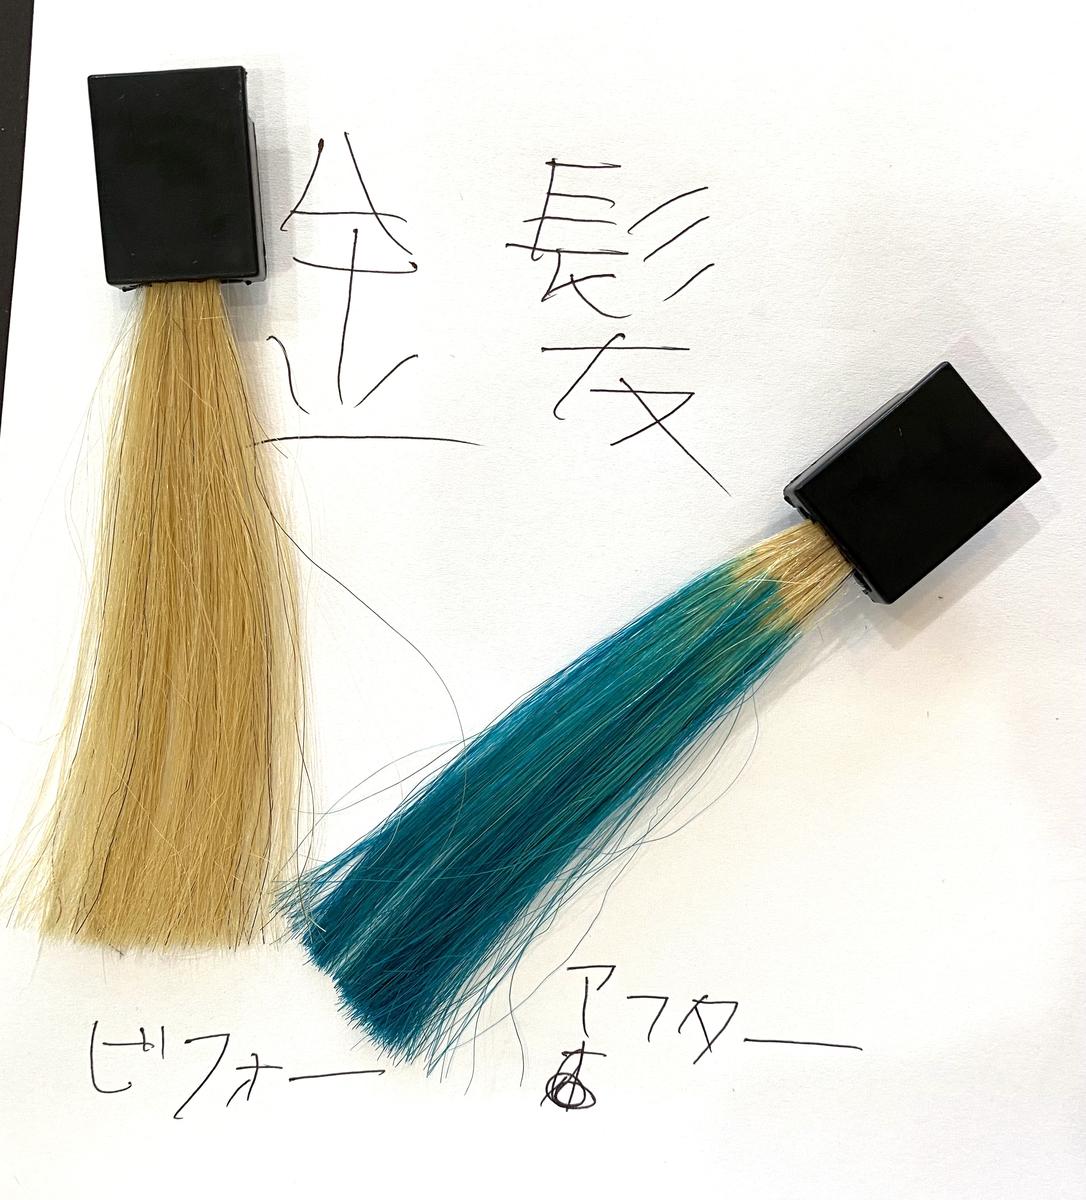 画黒左が金髪で画面右が金髪にオーシャンブルーで染めた仕上がり